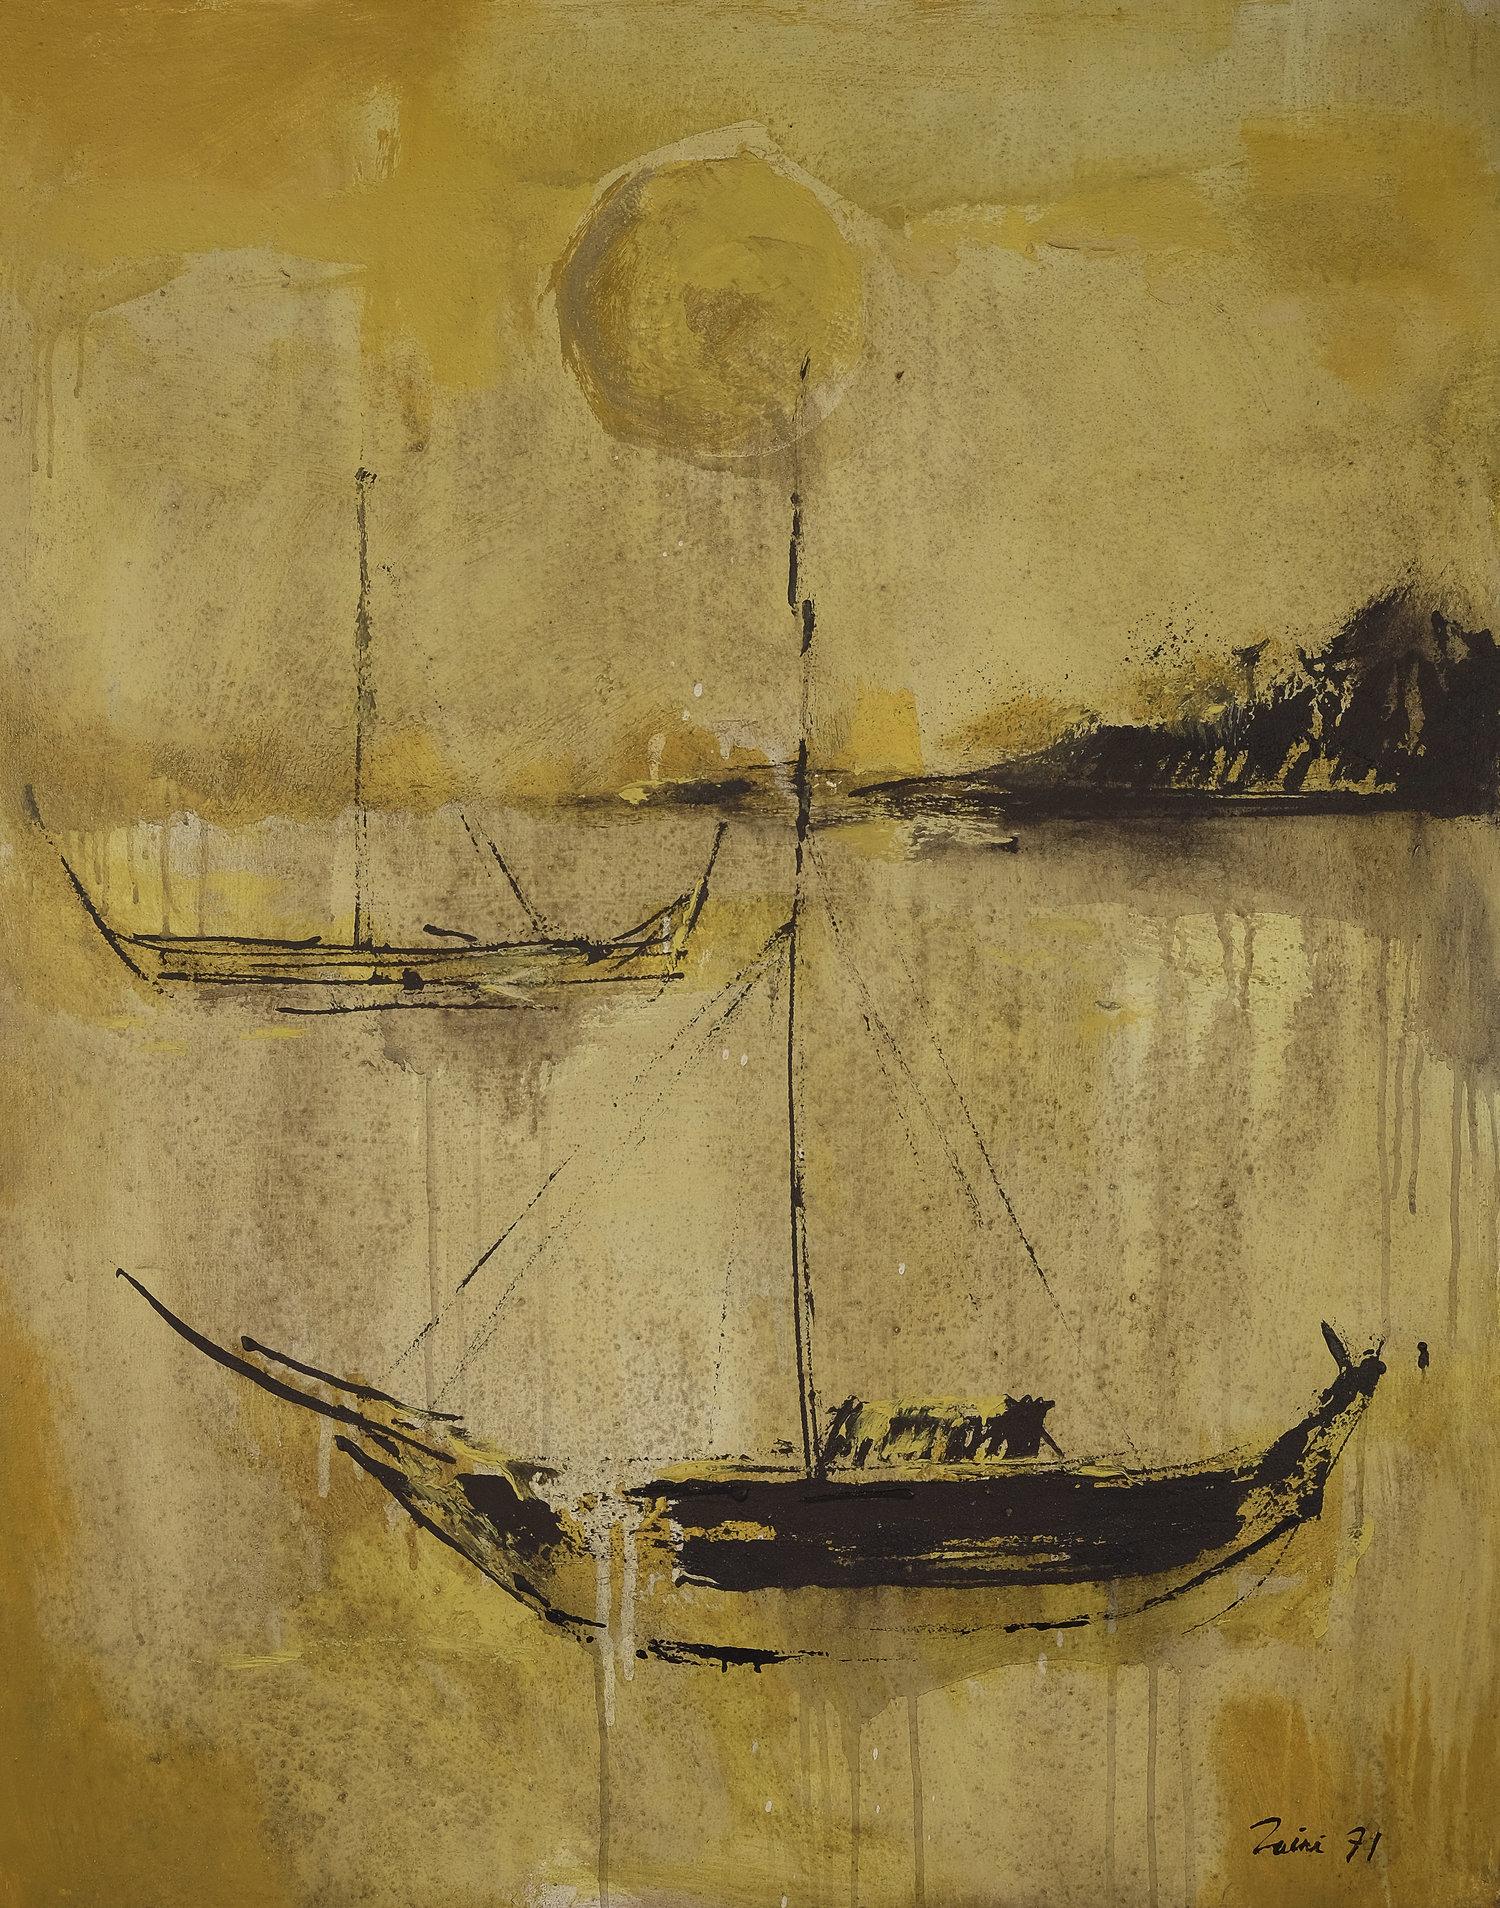 Zaini, Ships, oil on canvas, 100 x 80 cm, 1971